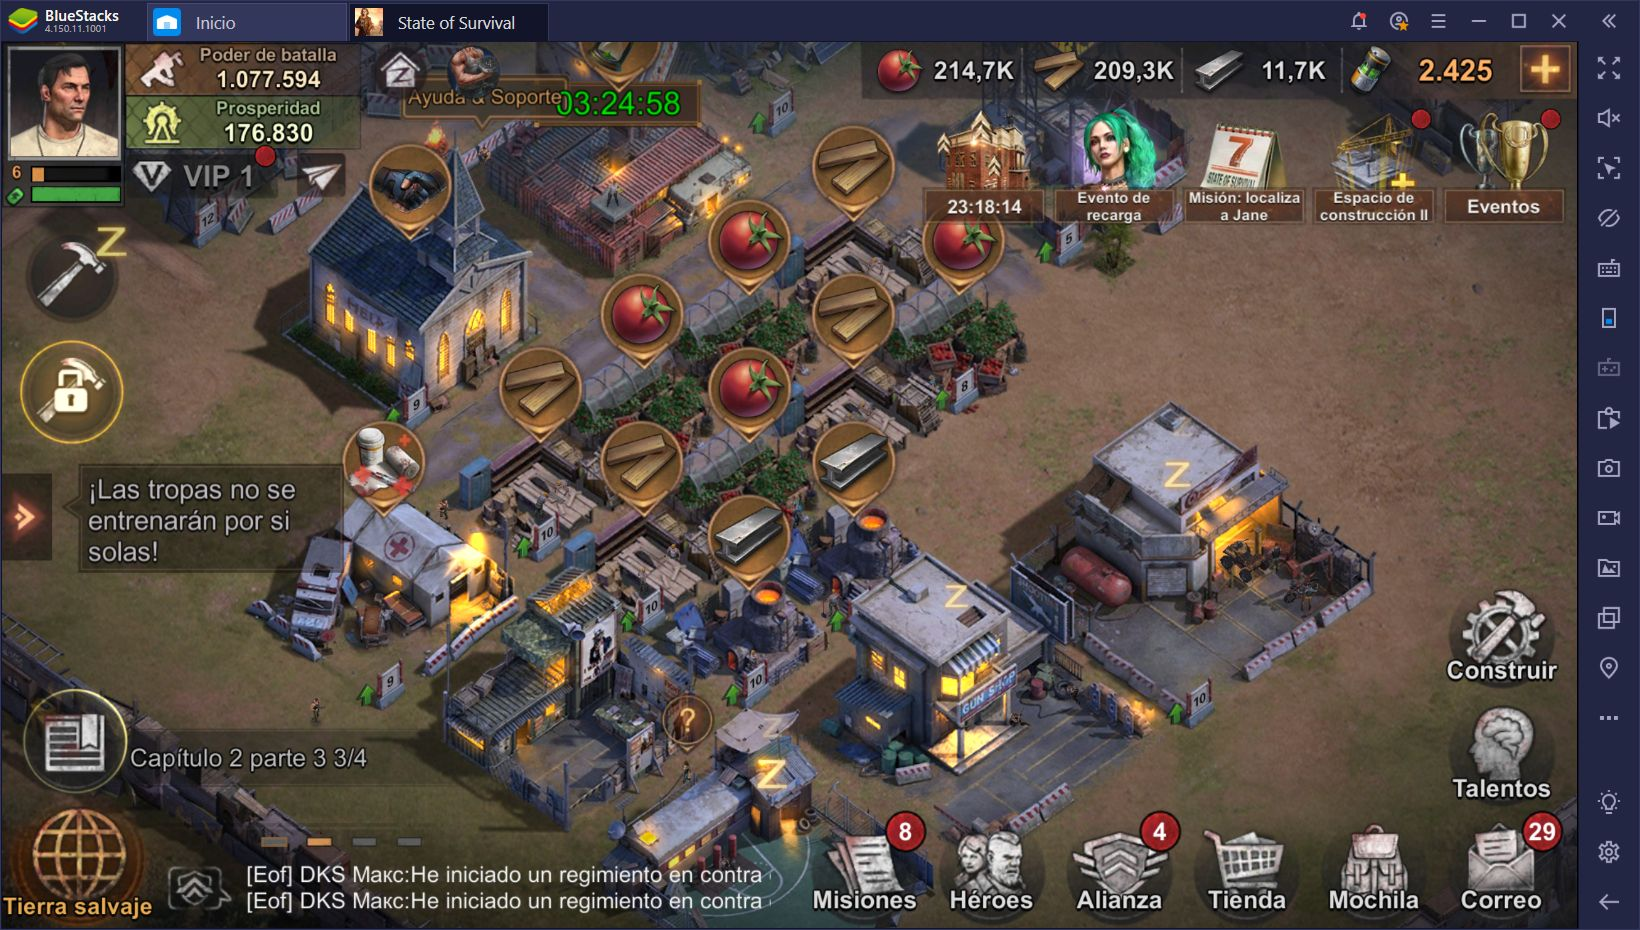 State of Survival en PC - Trucos y Consejos Para Sobrevivir a la Amenaza Zombi